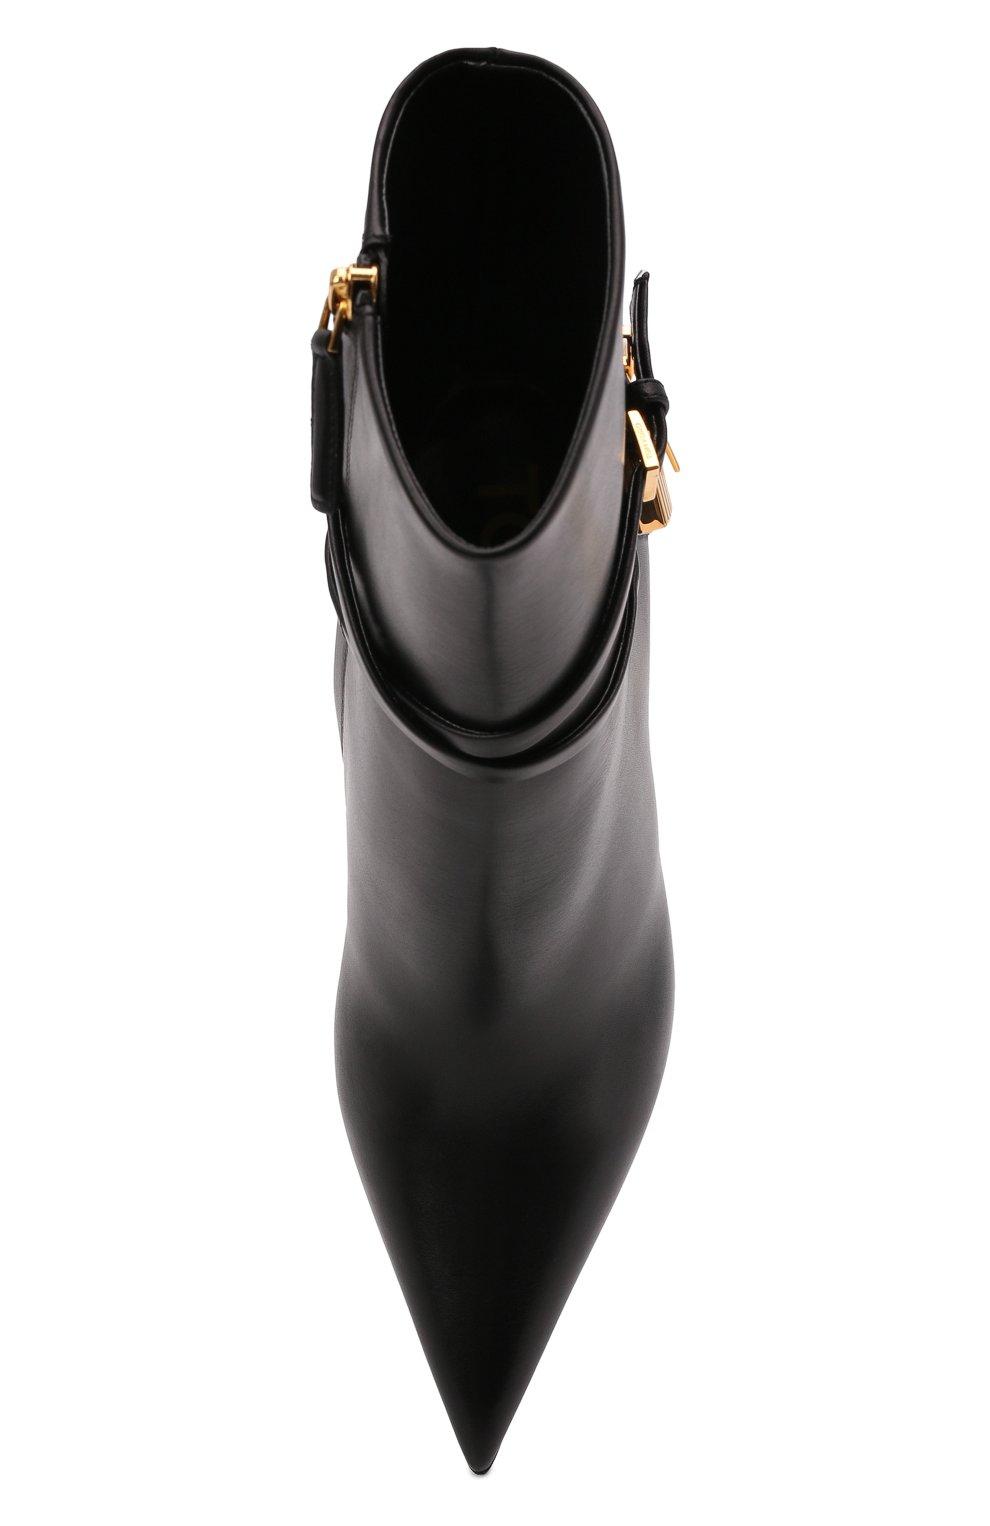 Женские кожаные ботильоны TOM FORD черного цвета, арт. W2959T-LCL002 | Фото 6 (Каблук высота: Высокий; Материал внутренний: Натуральная кожа; Каблук тип: Шпилька; Подошва: Плоская)